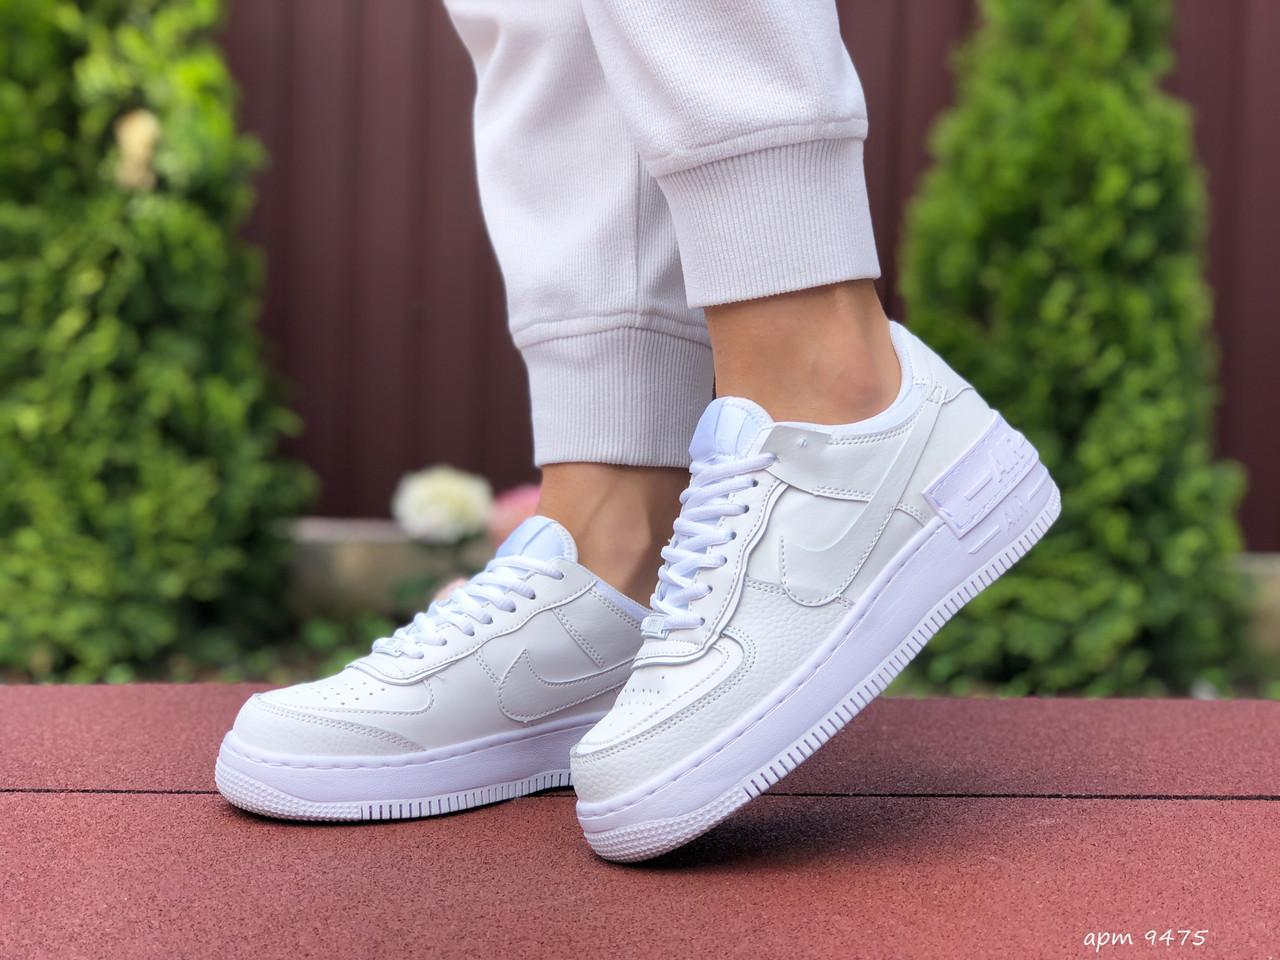 Женские кроссовки Nike Air Force 1 Shadow, белые 36р